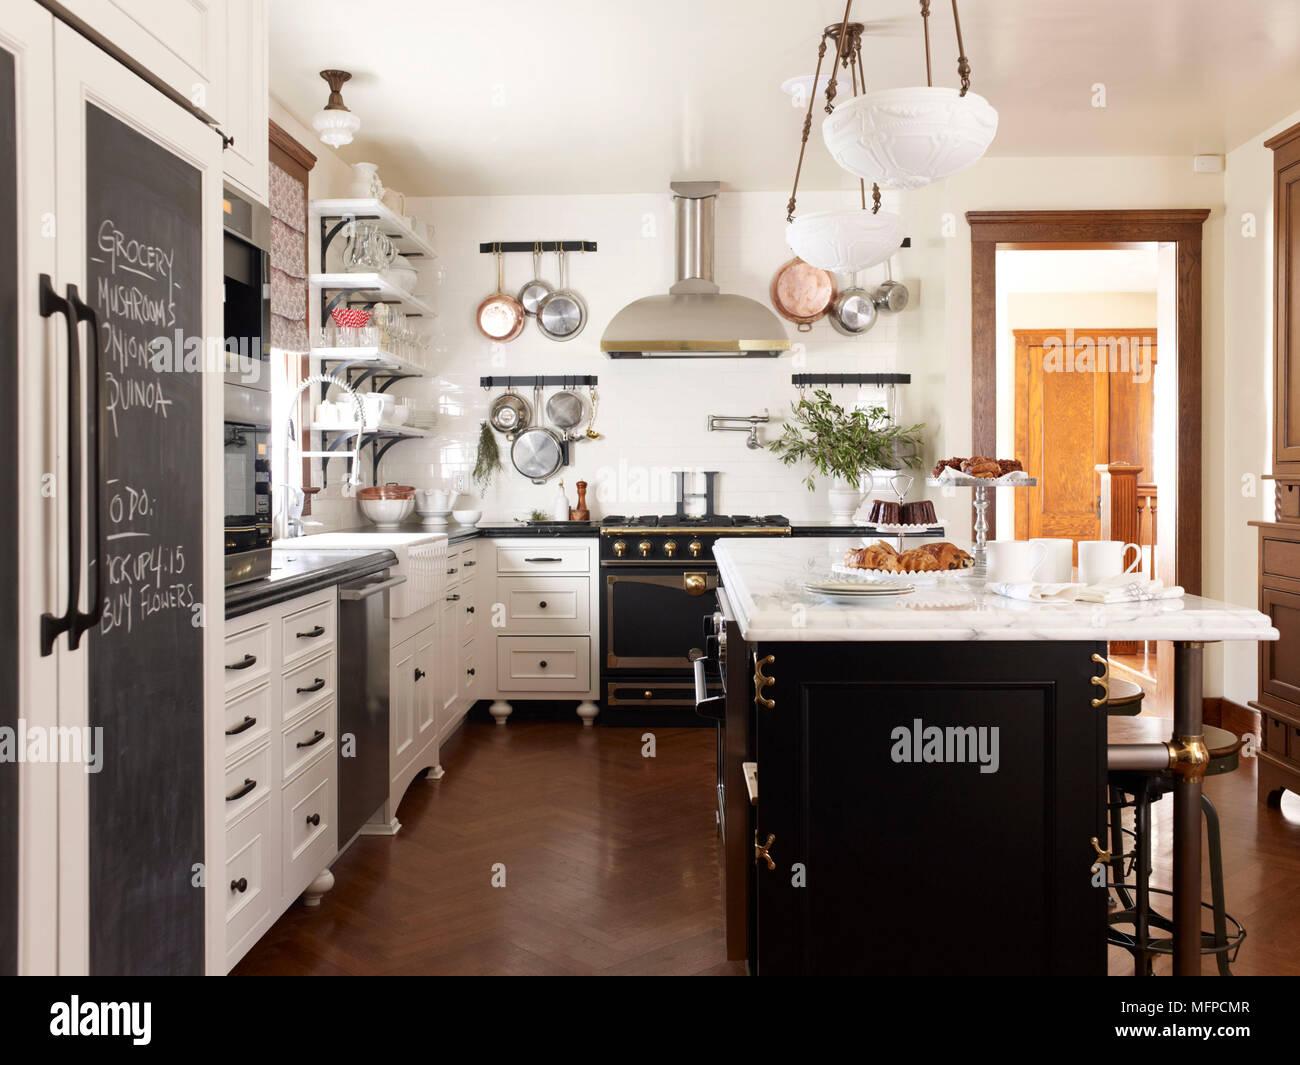 Fein Küchenschränke Hardware Ideen - Ideen Für Die Küche Dekoration ...